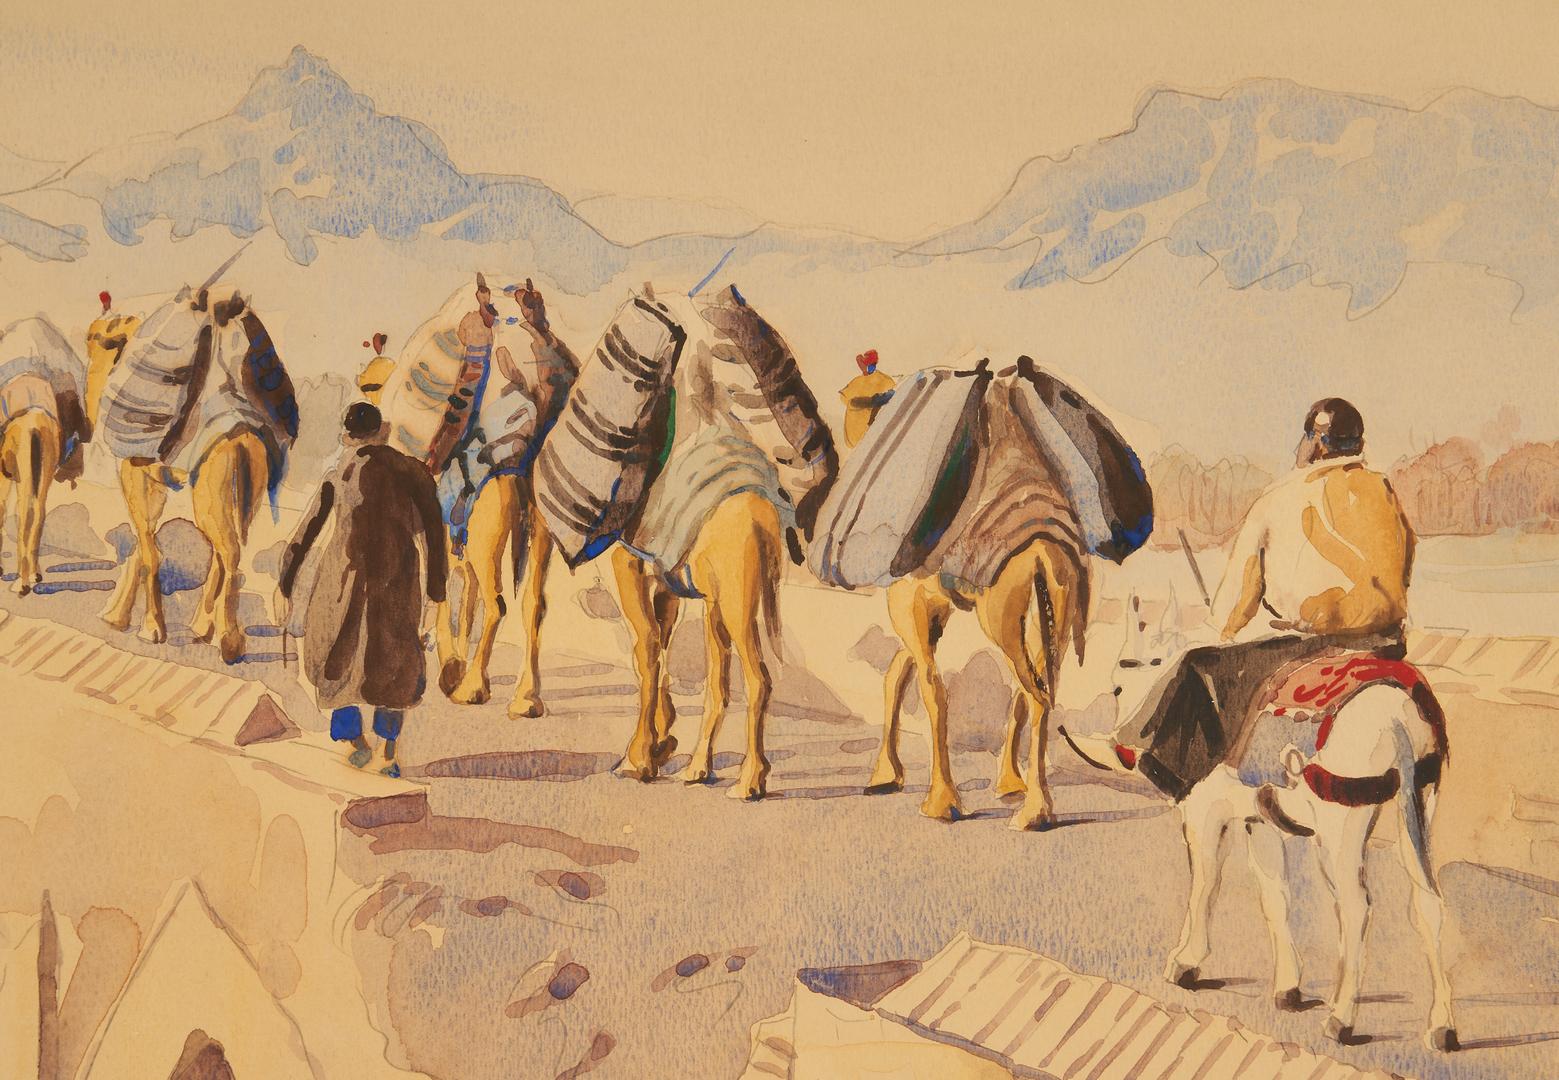 Lot 1131: Mansour Khaleghi W/C Desert Landscape, Caravan